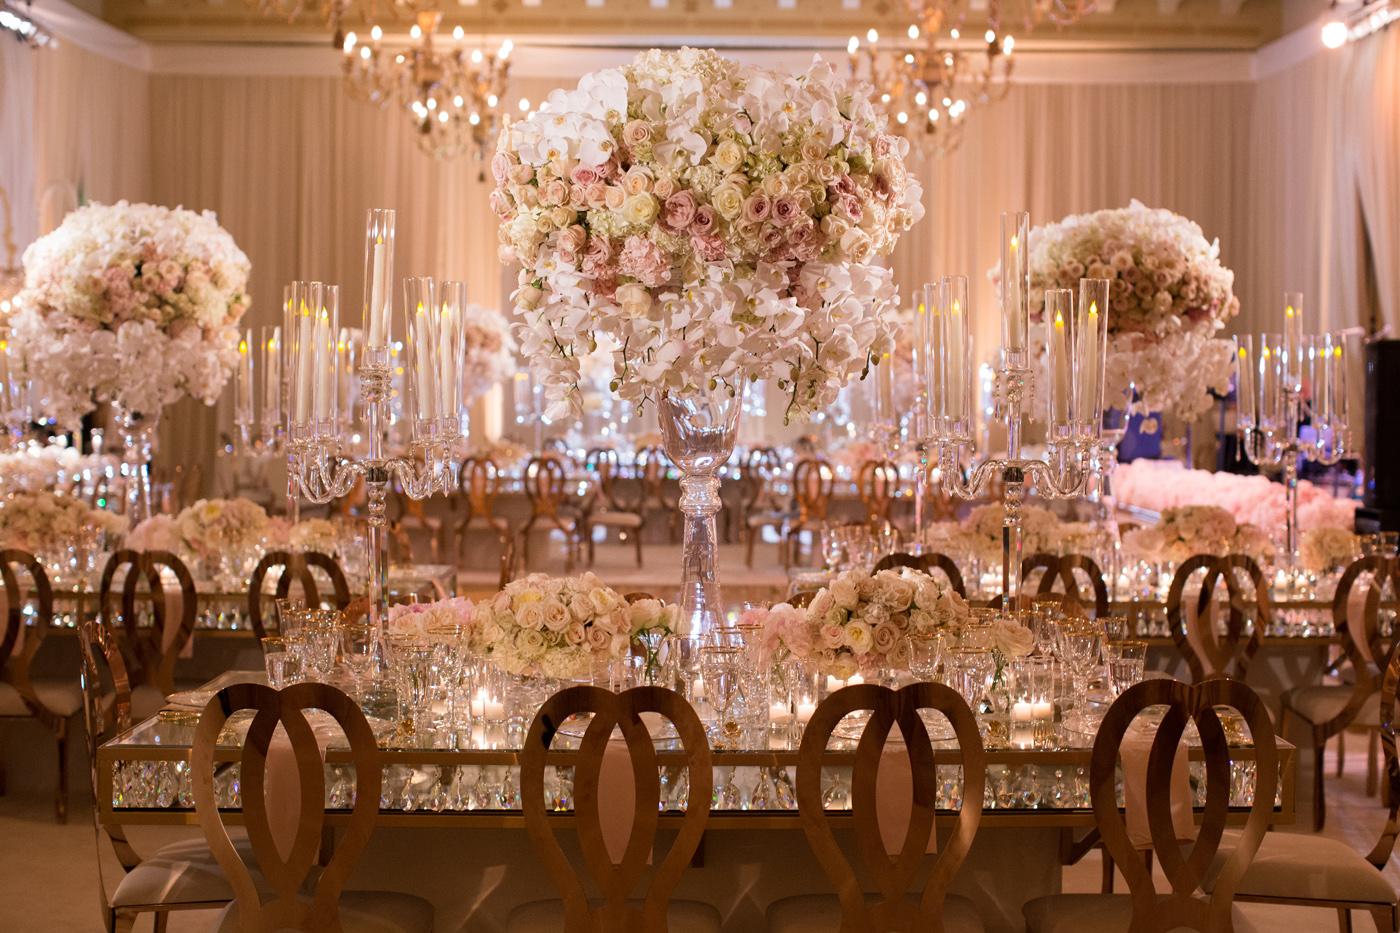 083_DukePhotography_DukeImages_Wedding_Details.jpg